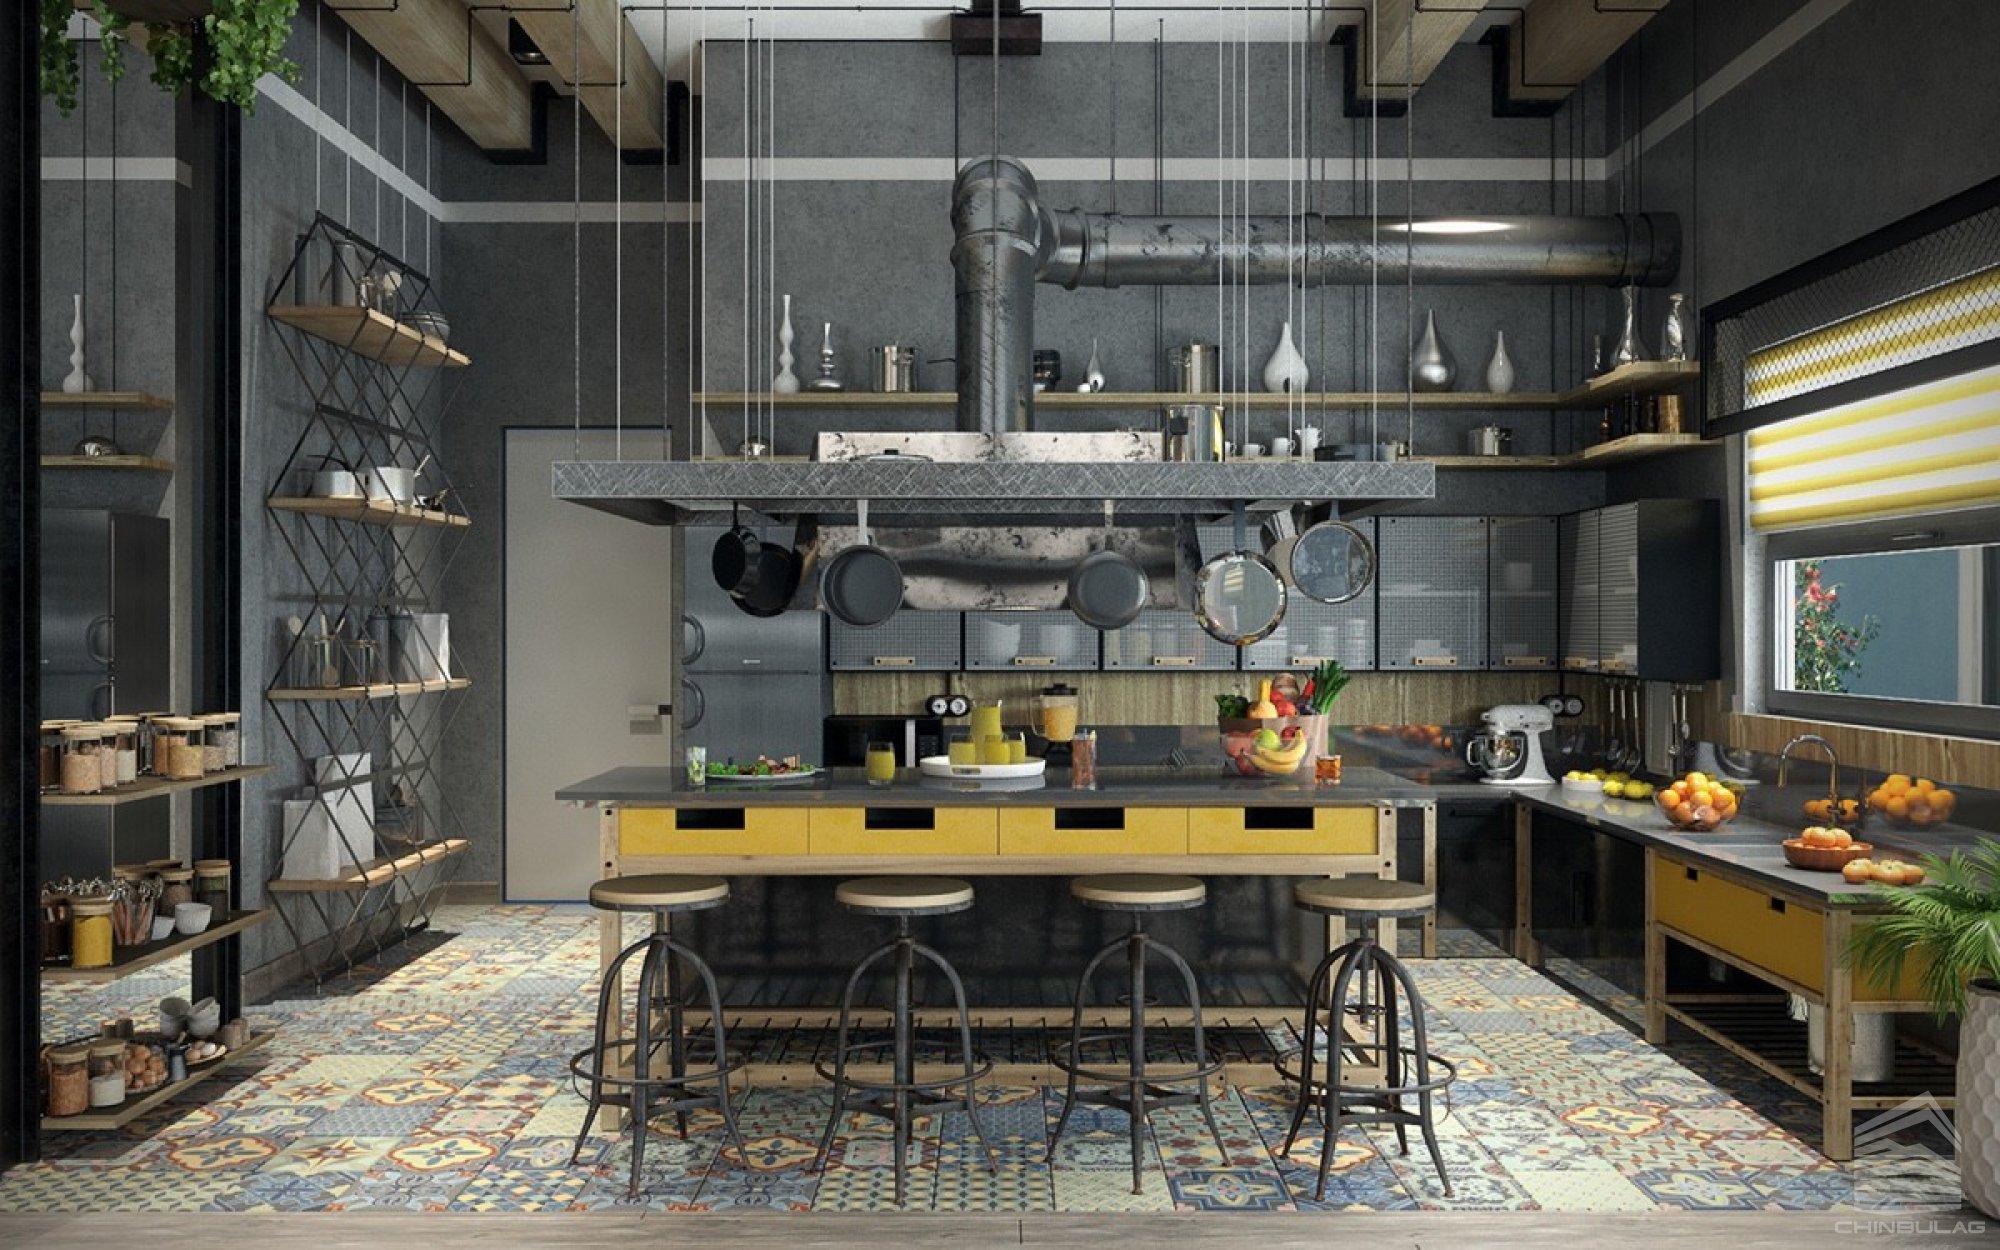 Best Industrial Kitchen Design Ideas for 9   Best Online Cabinets